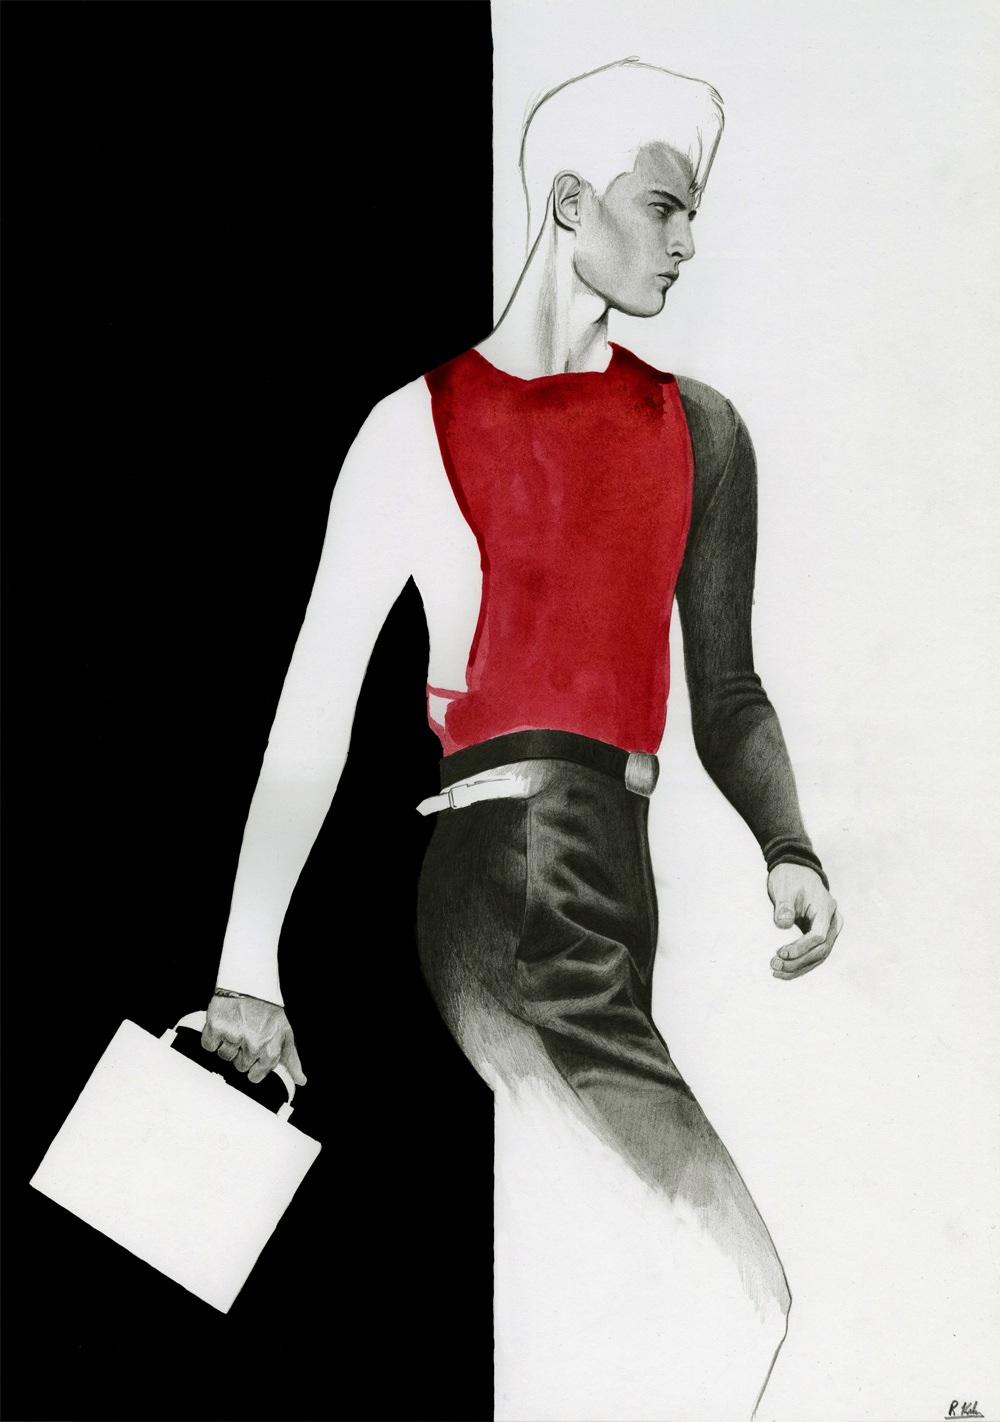 El complejo minimalismo de Richard Kilroy